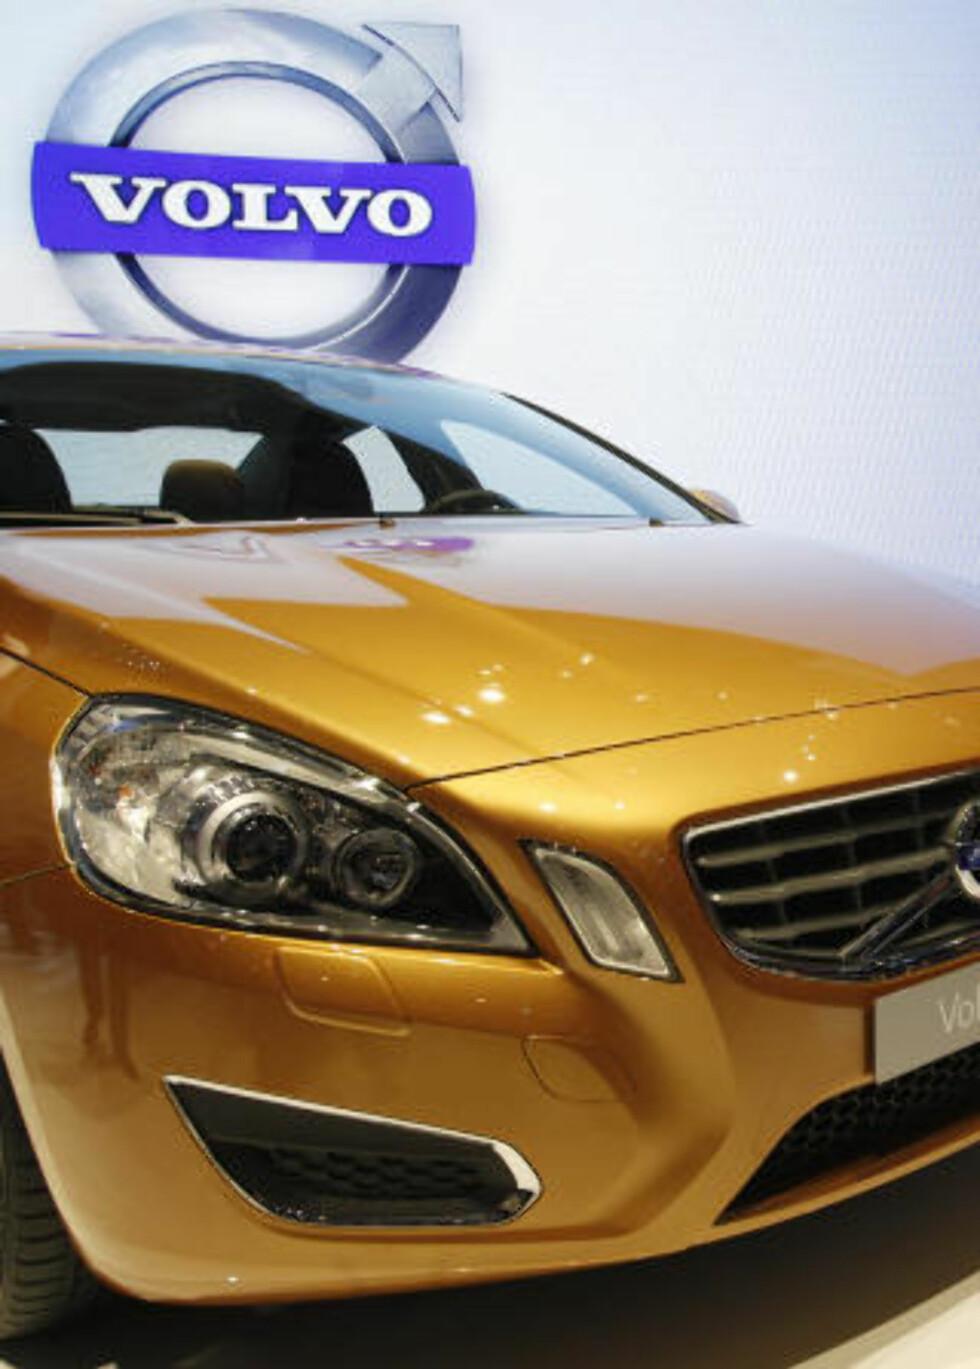 UTFORDREREN: Volvos mest sportslige bilmodell til nå, S60/V60, skal ta opp kampen mot Audi A4 og BMW 3-serie. Foto: REUTERS/SCANPIX